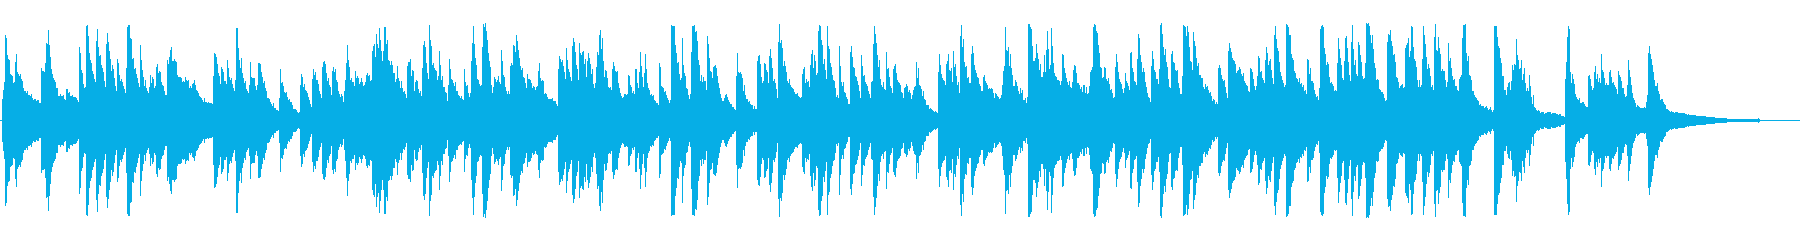 ジャズ風のゆったりしたラウンジピアノソロの再生済みの波形